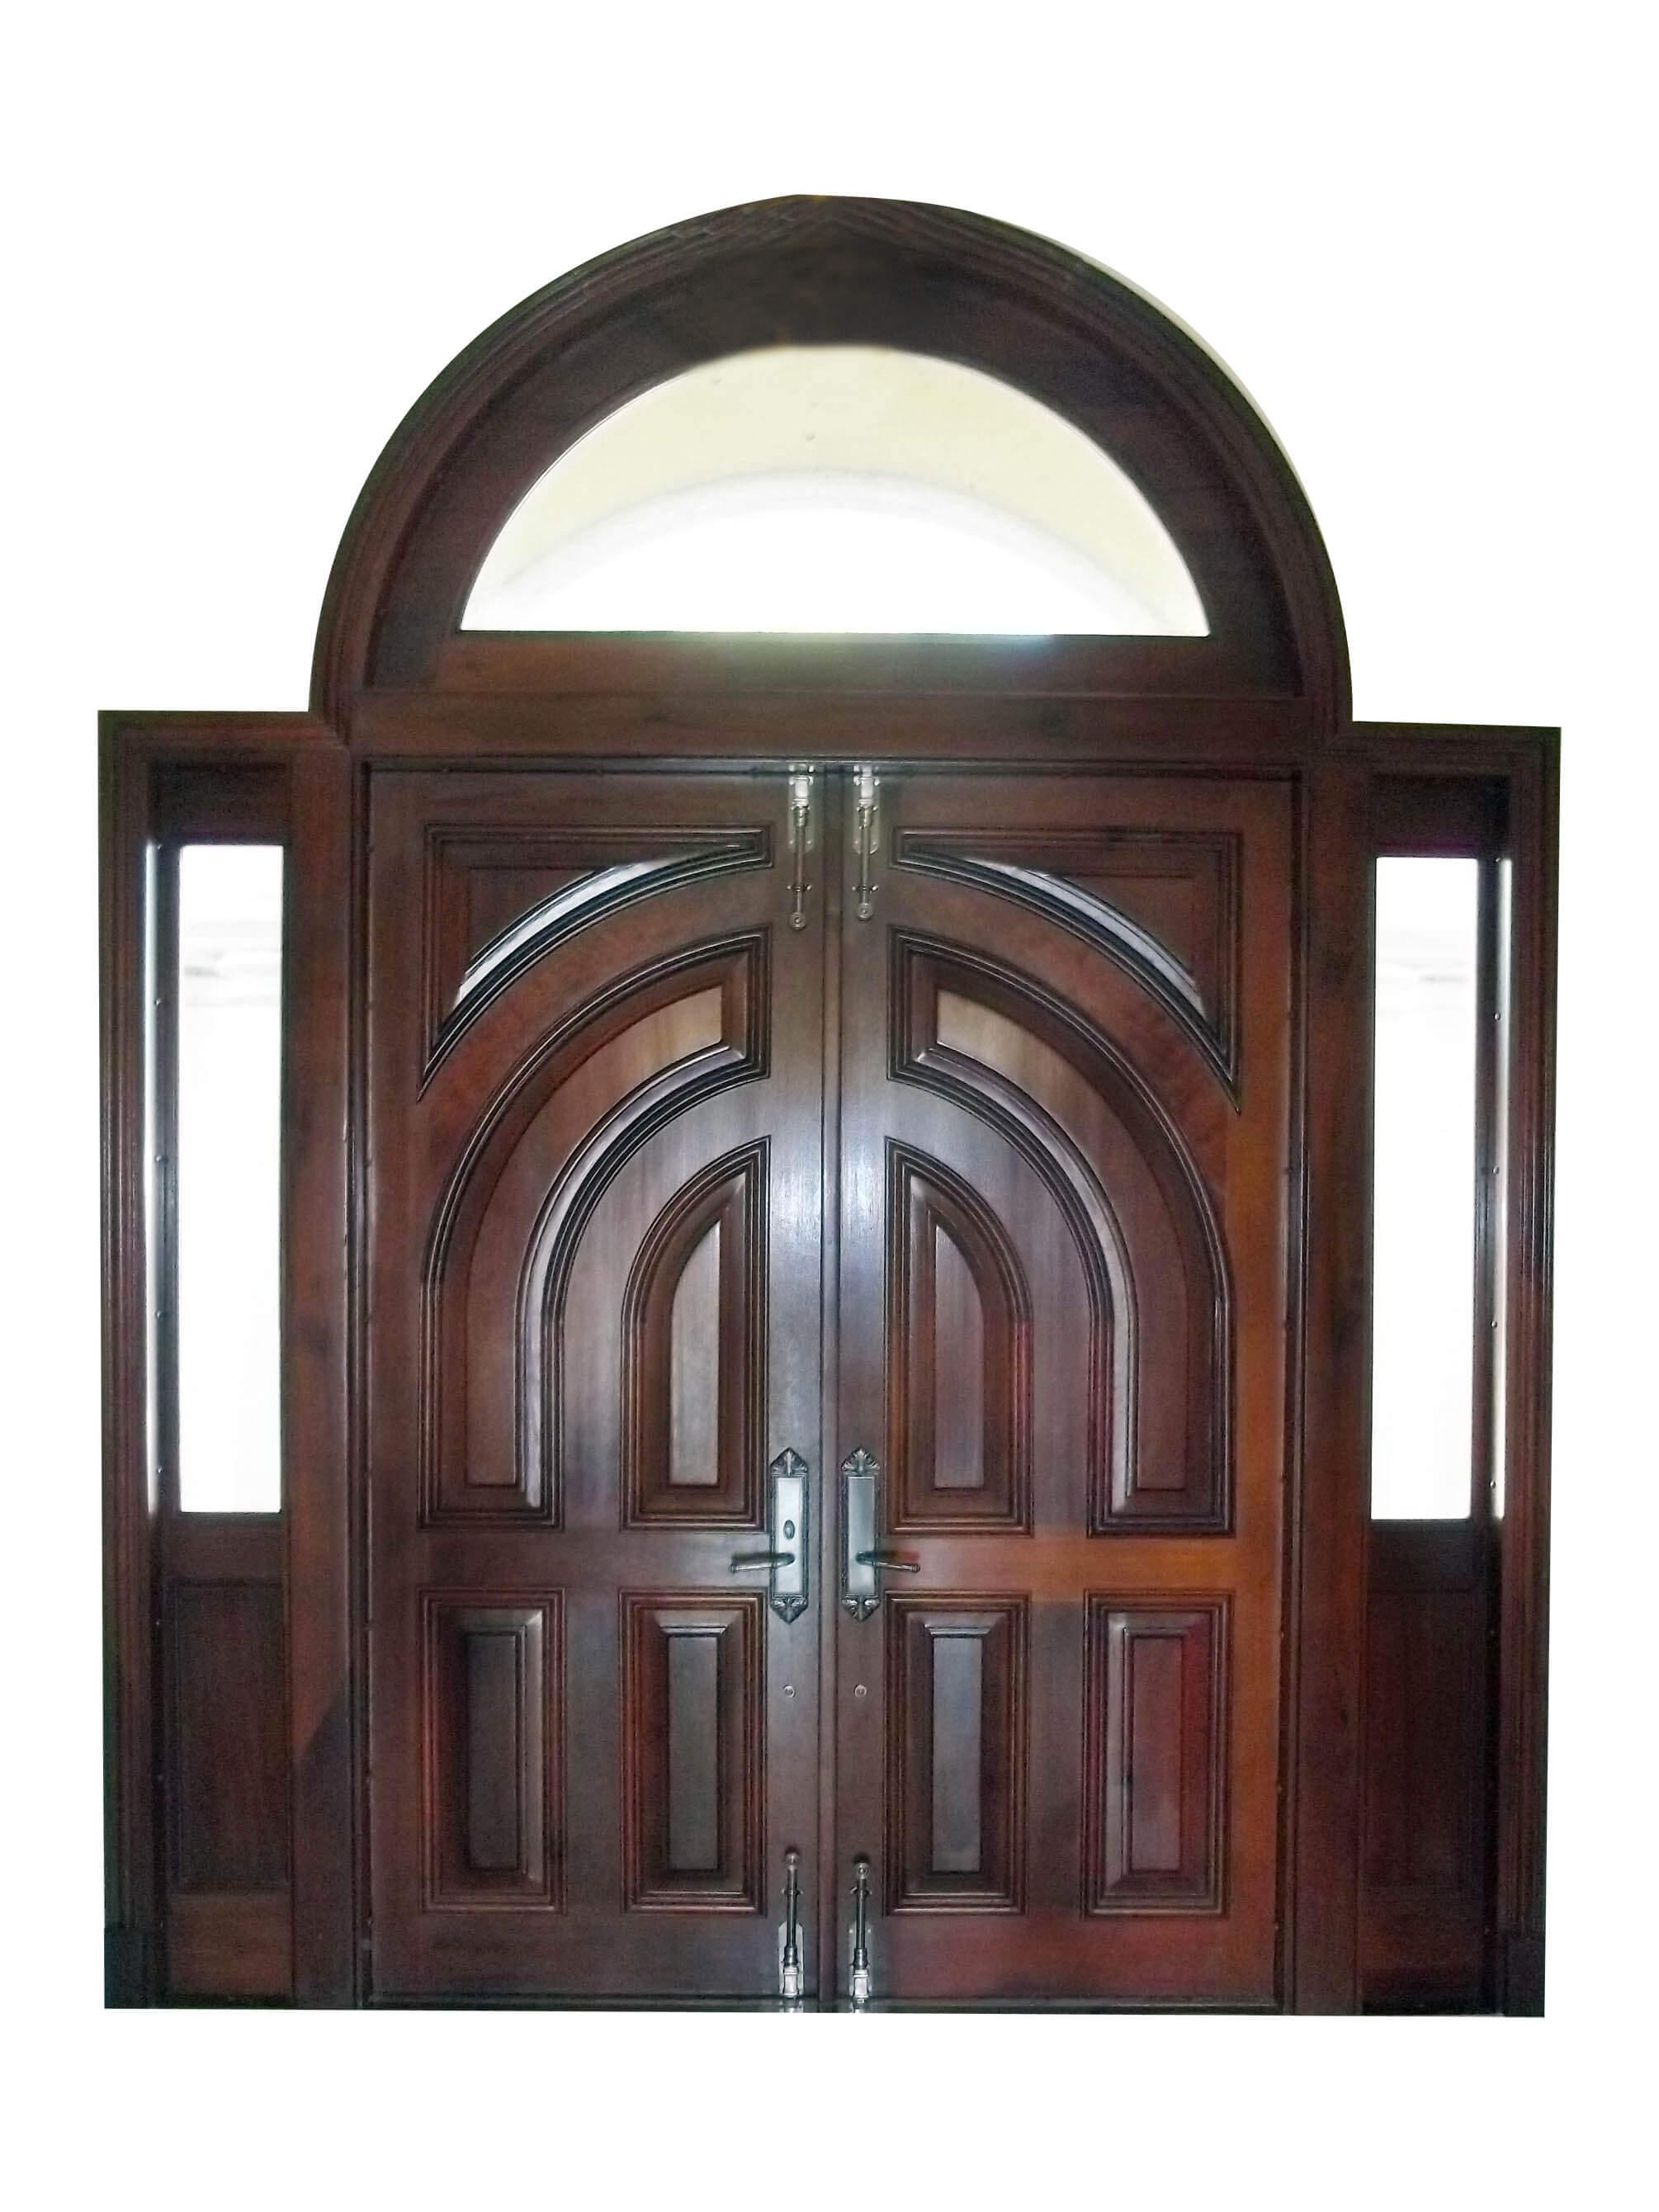 MARATHON KEY MAHOGANY ENTRY DOORS INTERIOR